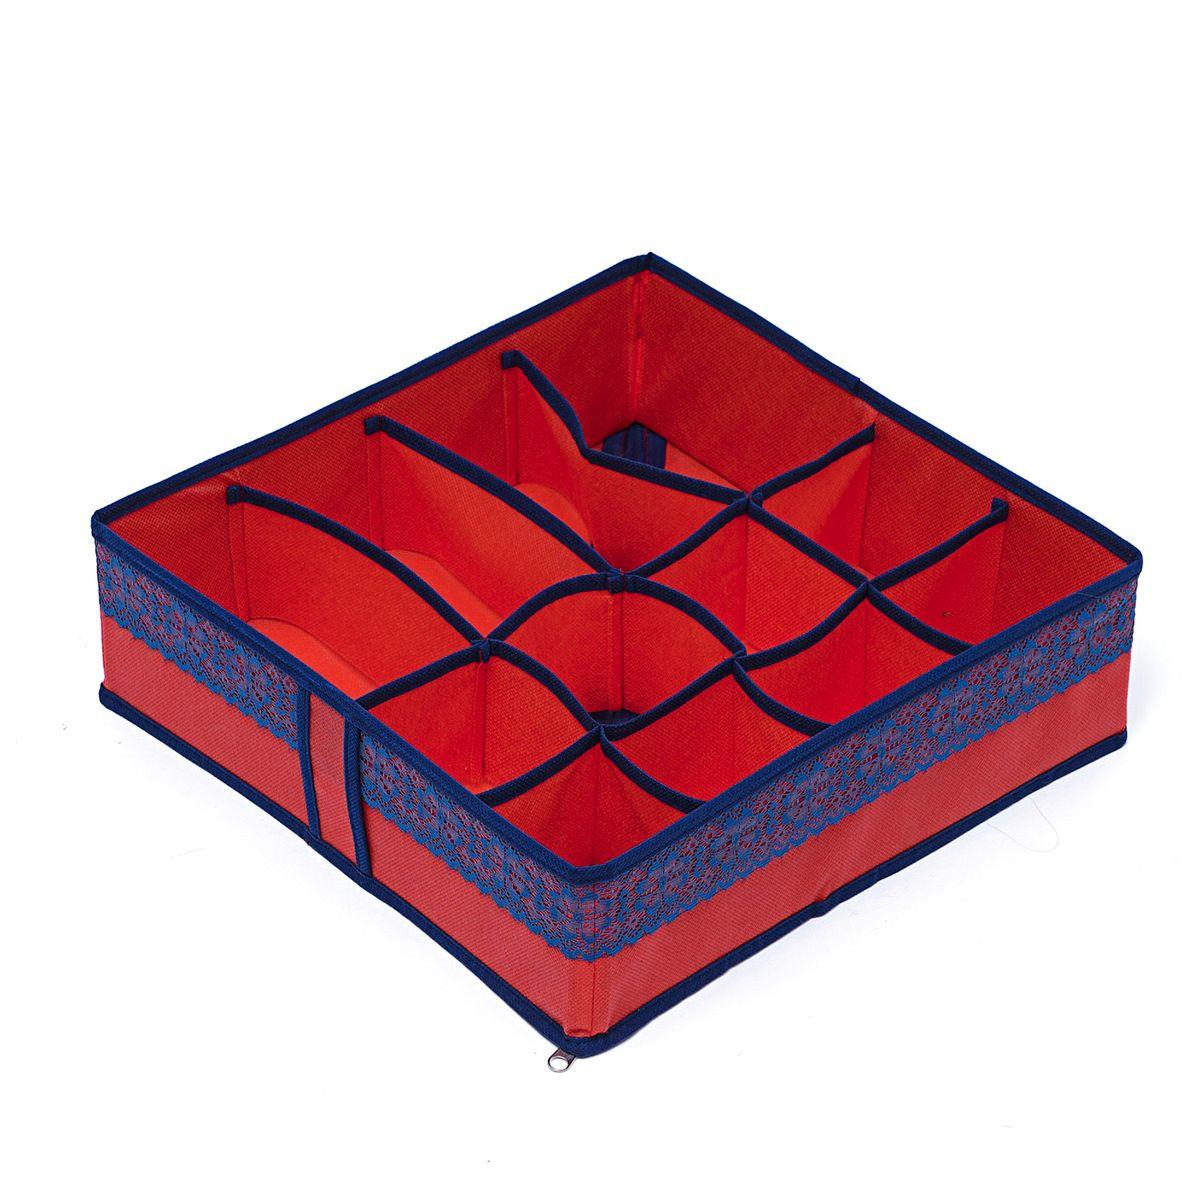 Органайзер для хранения вещей Homsu Rosso, 12 ячеек , 35 х 35 х 10 смHOM-317Компактный органайзер Homsu Rosso изготовлен из высококачественного полиэстера, который обеспечивает естественную вентиляцию. Материал позволяет воздуху свободно проникать внутрь, но не пропускает пыль. Органайзер отлично держит форму, благодаря вставкам из плотного картона. Изделие имеет 12 квадратных секций для хранения нижнего белья, колготок, носков и другой одежды. Такой органайзер позволит вам хранить вещи компактно и удобно, а оригинальный дизайн сделает вашу гардеробную красивой и невероятно стильной.